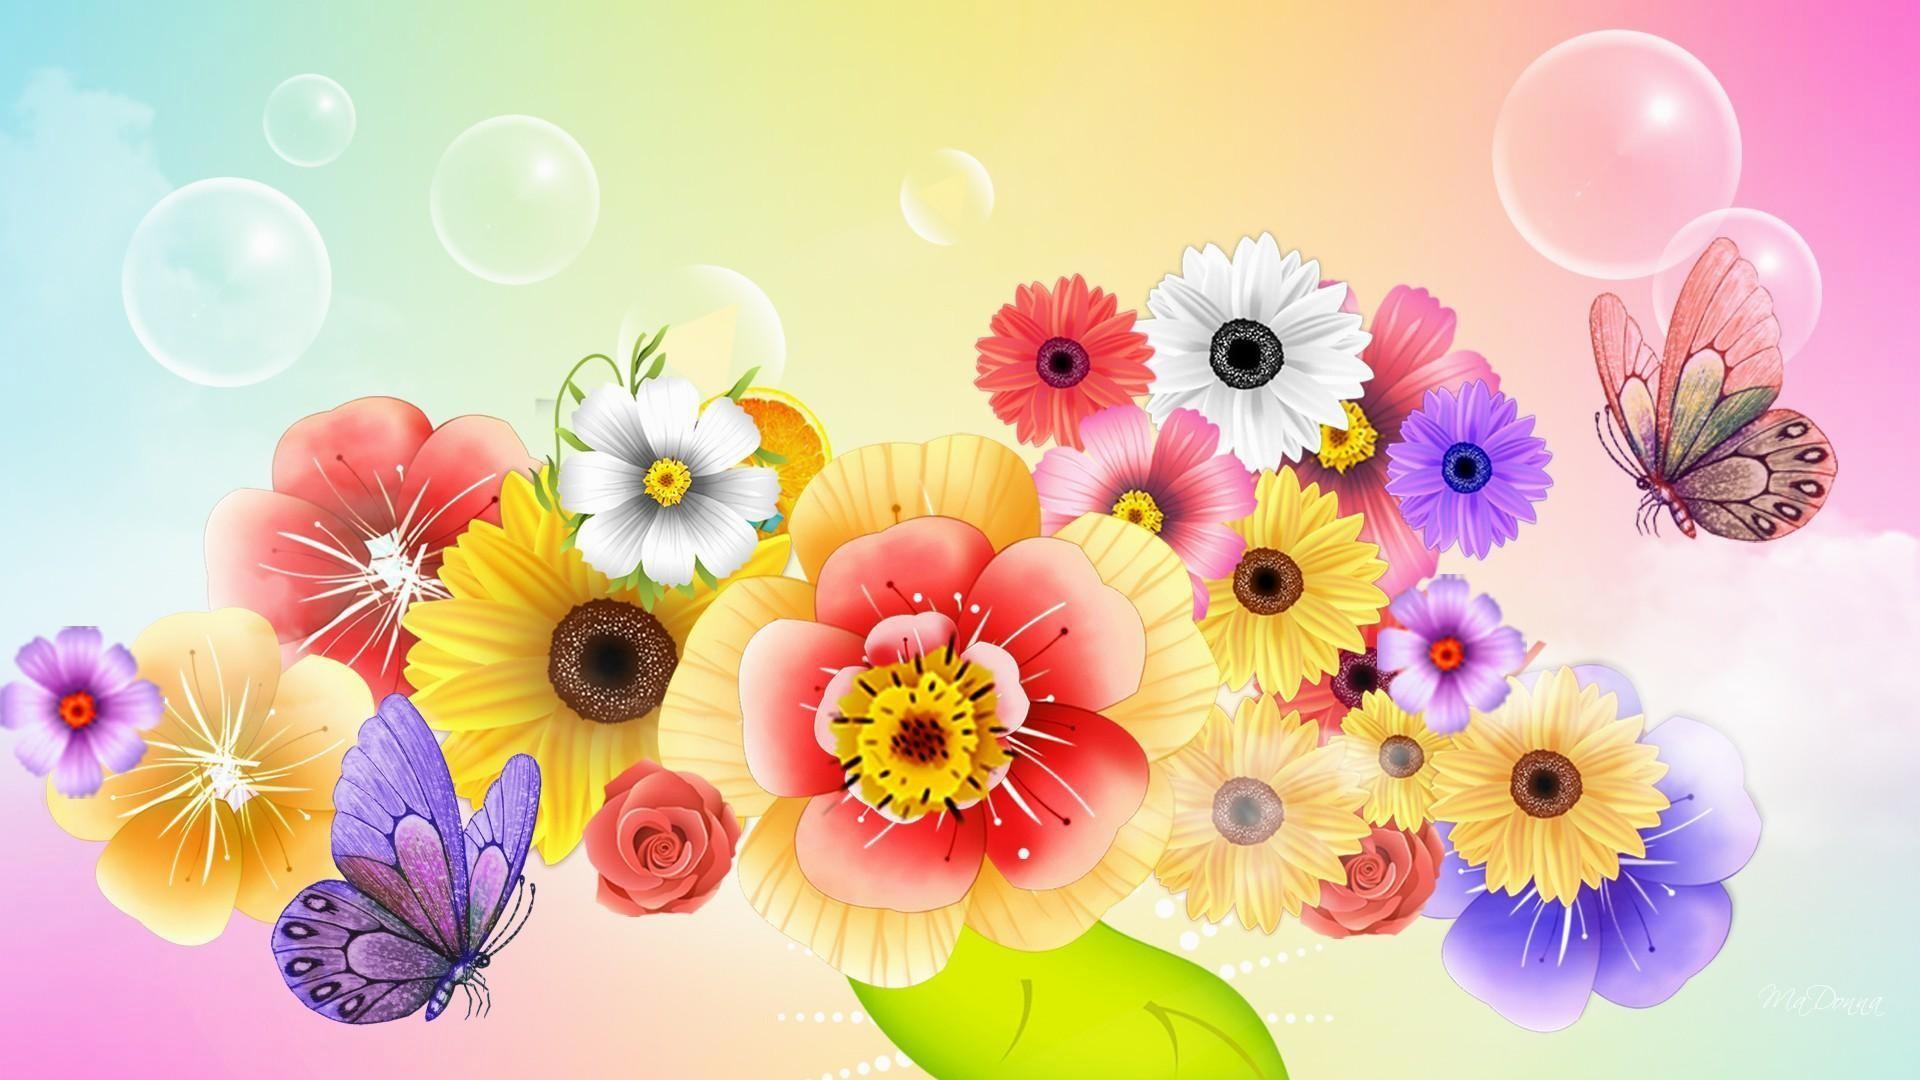 Beauty-butterfly-wallpaper-HD-colorful